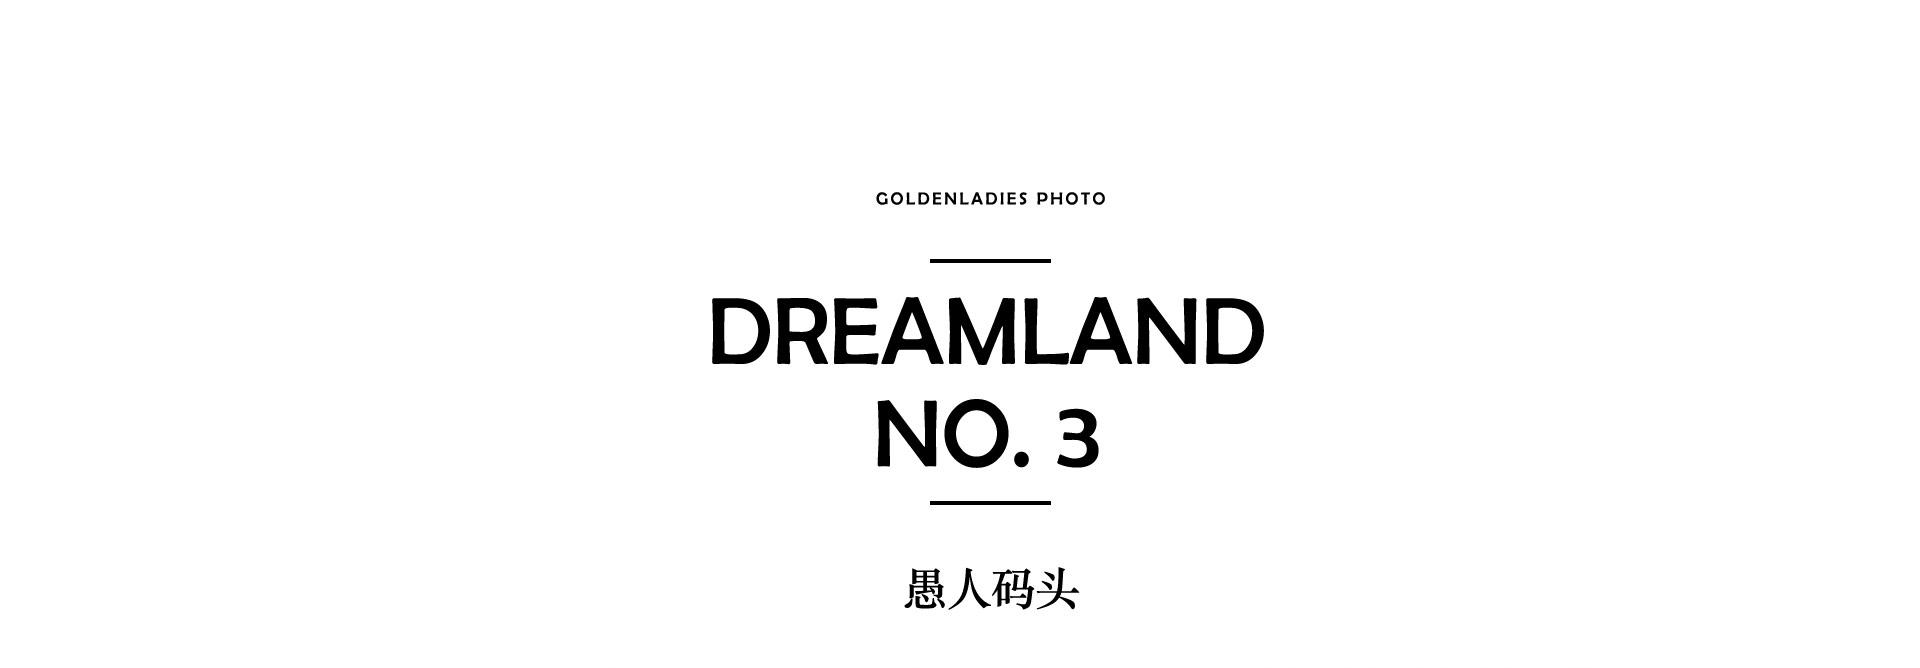 依云湖_12.jpg